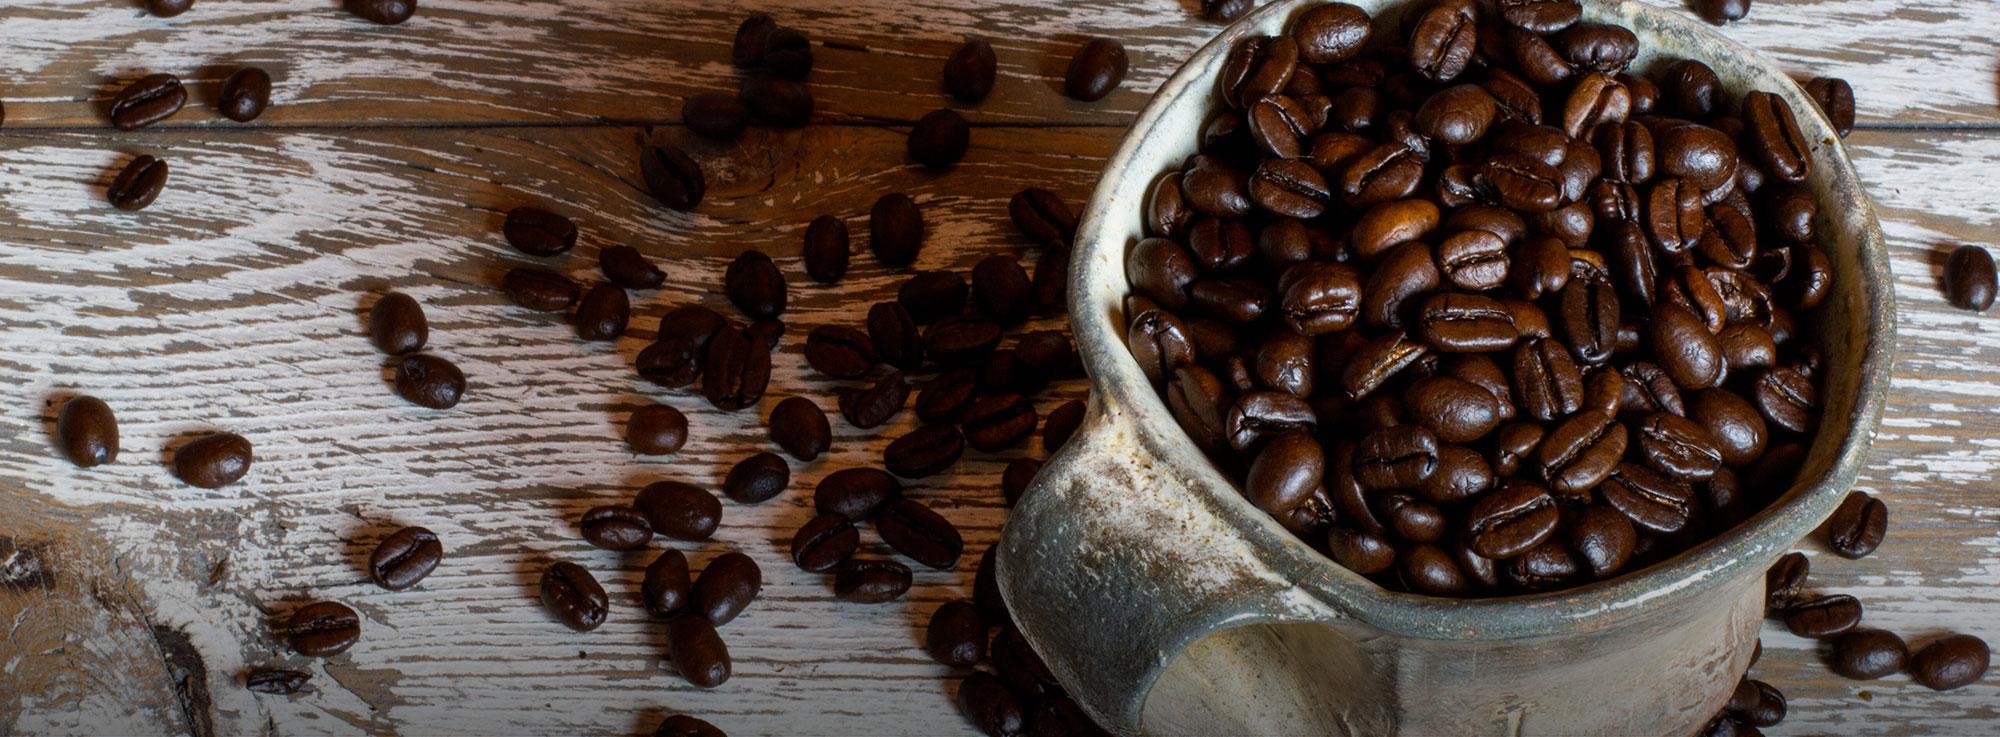 Ricetta: Liquore al caffè